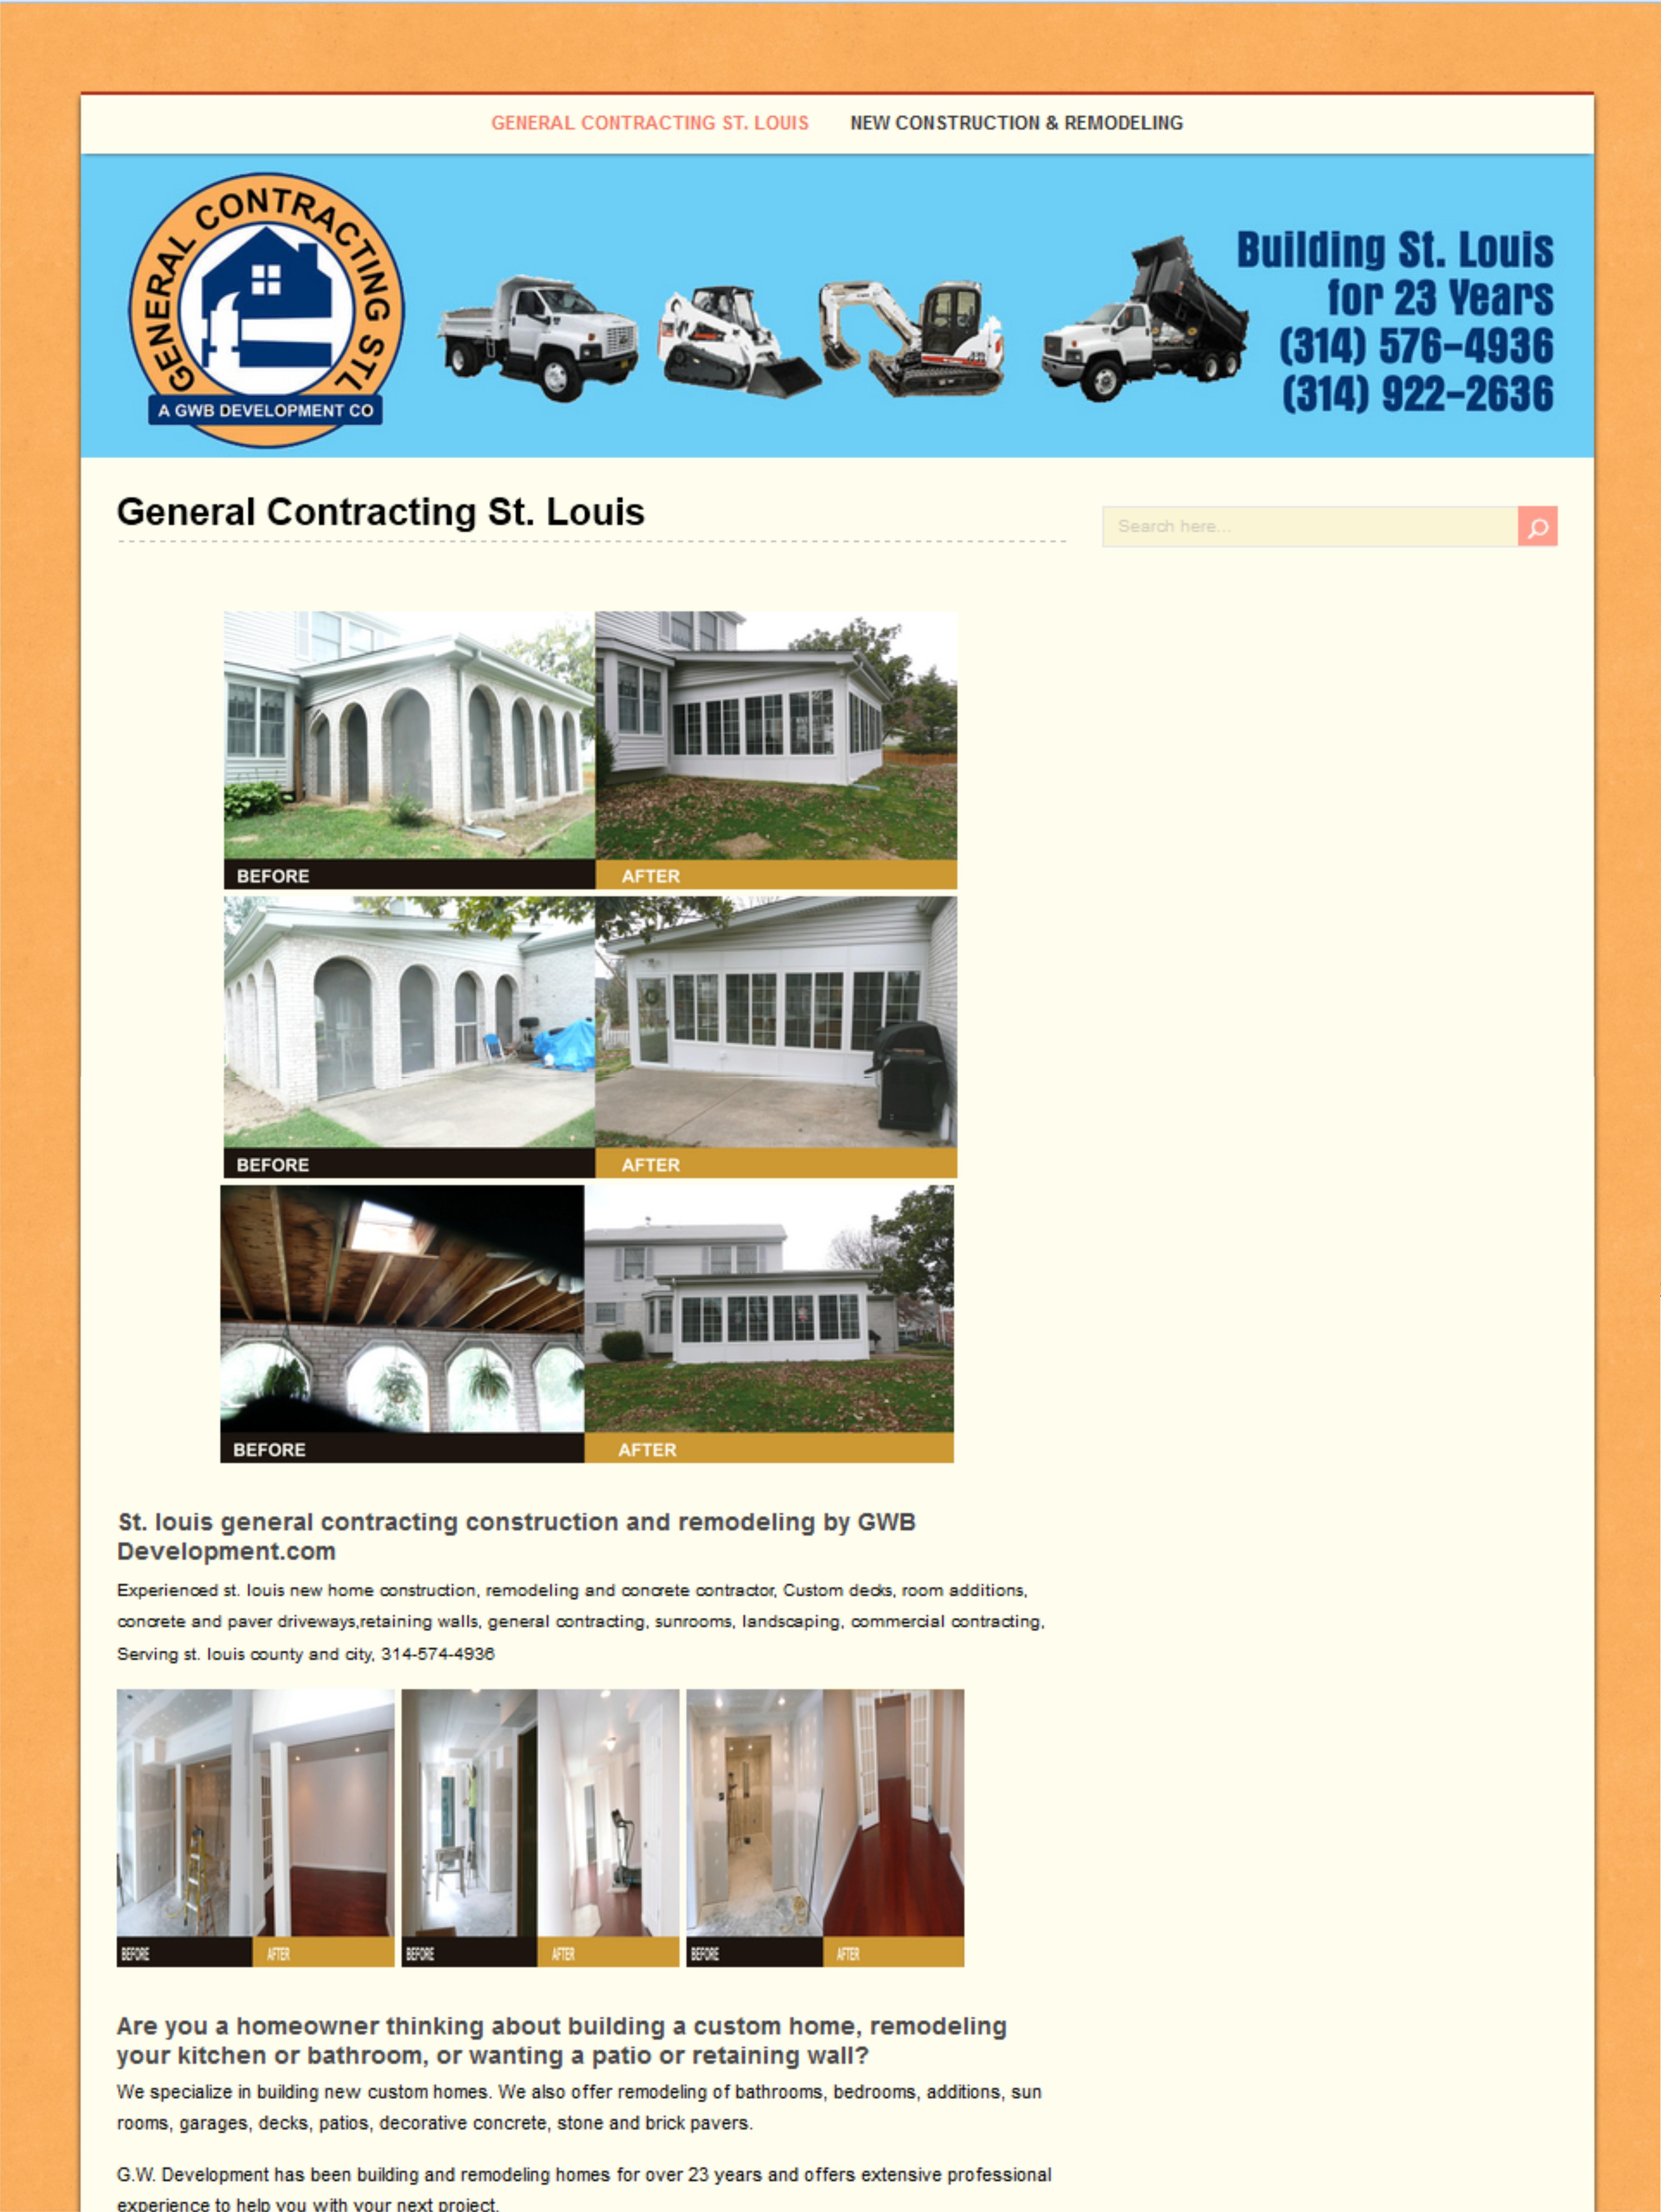 Web Design St Louis - St Louis General Contracting